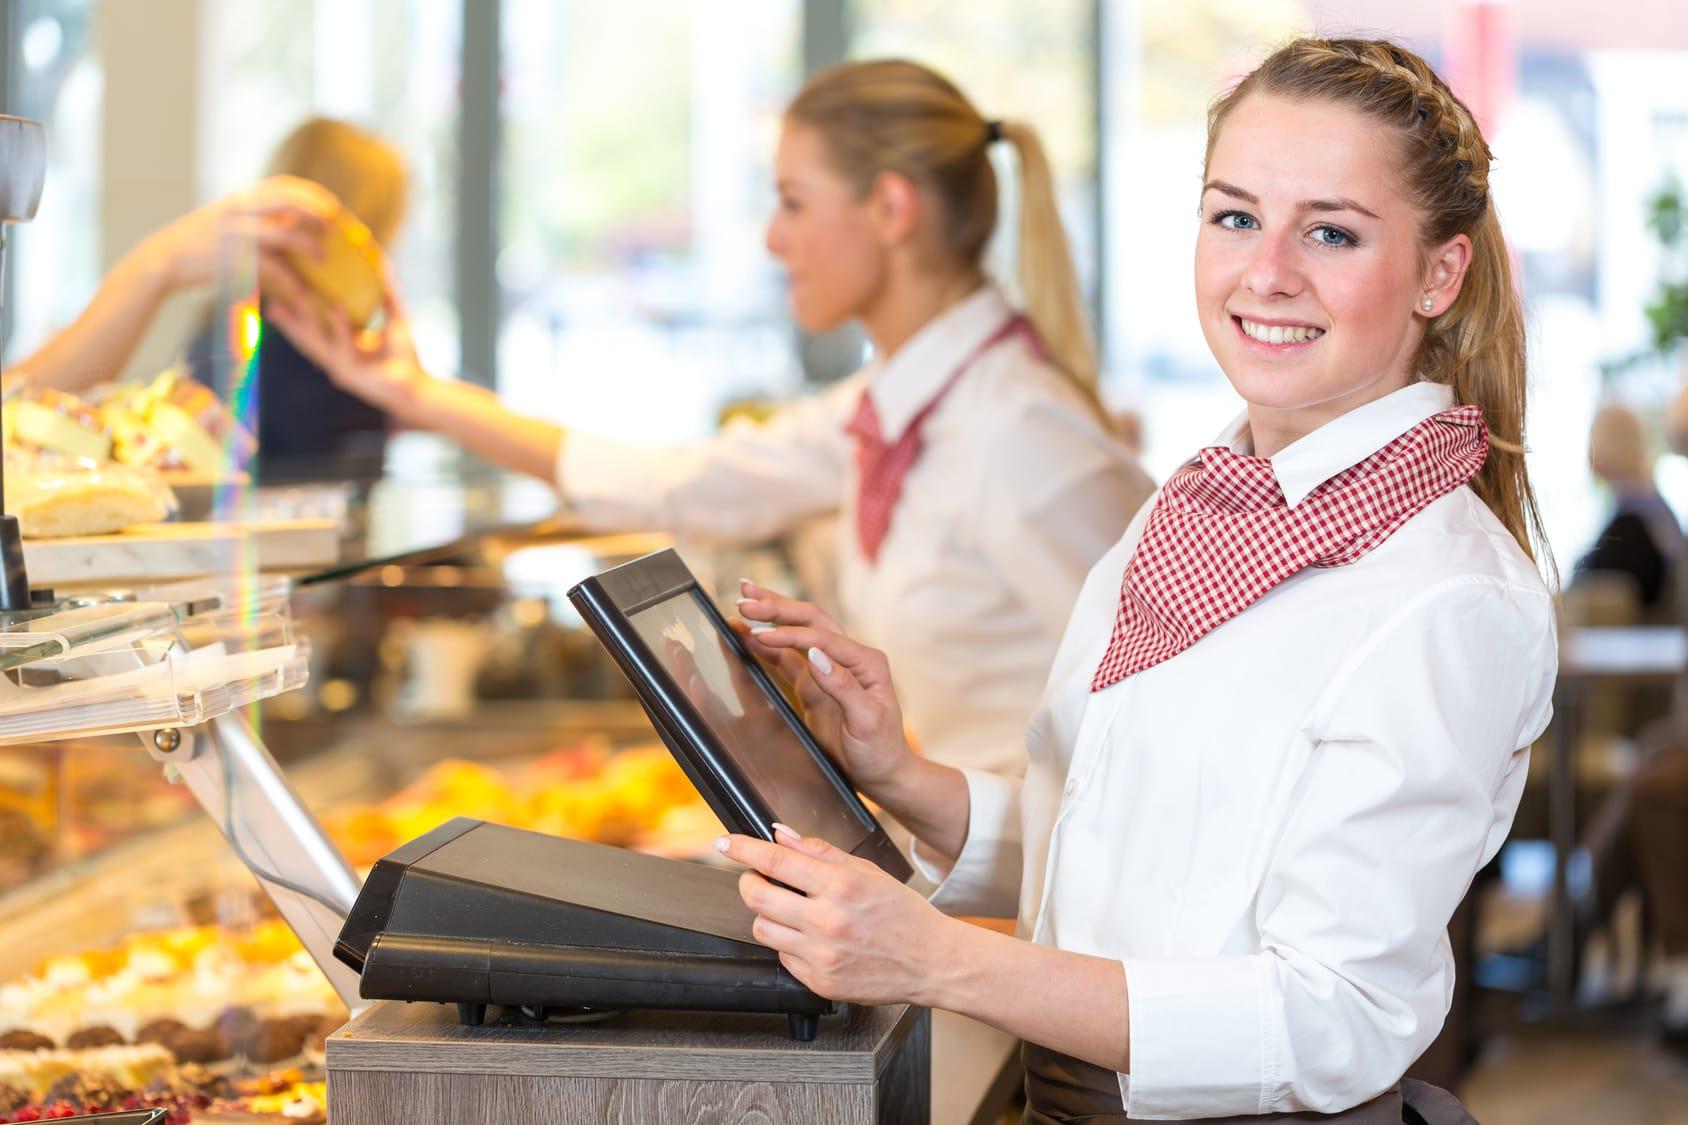 Nebenverdienst bei Arbeitslosengeld – Das müssen Sie beachten